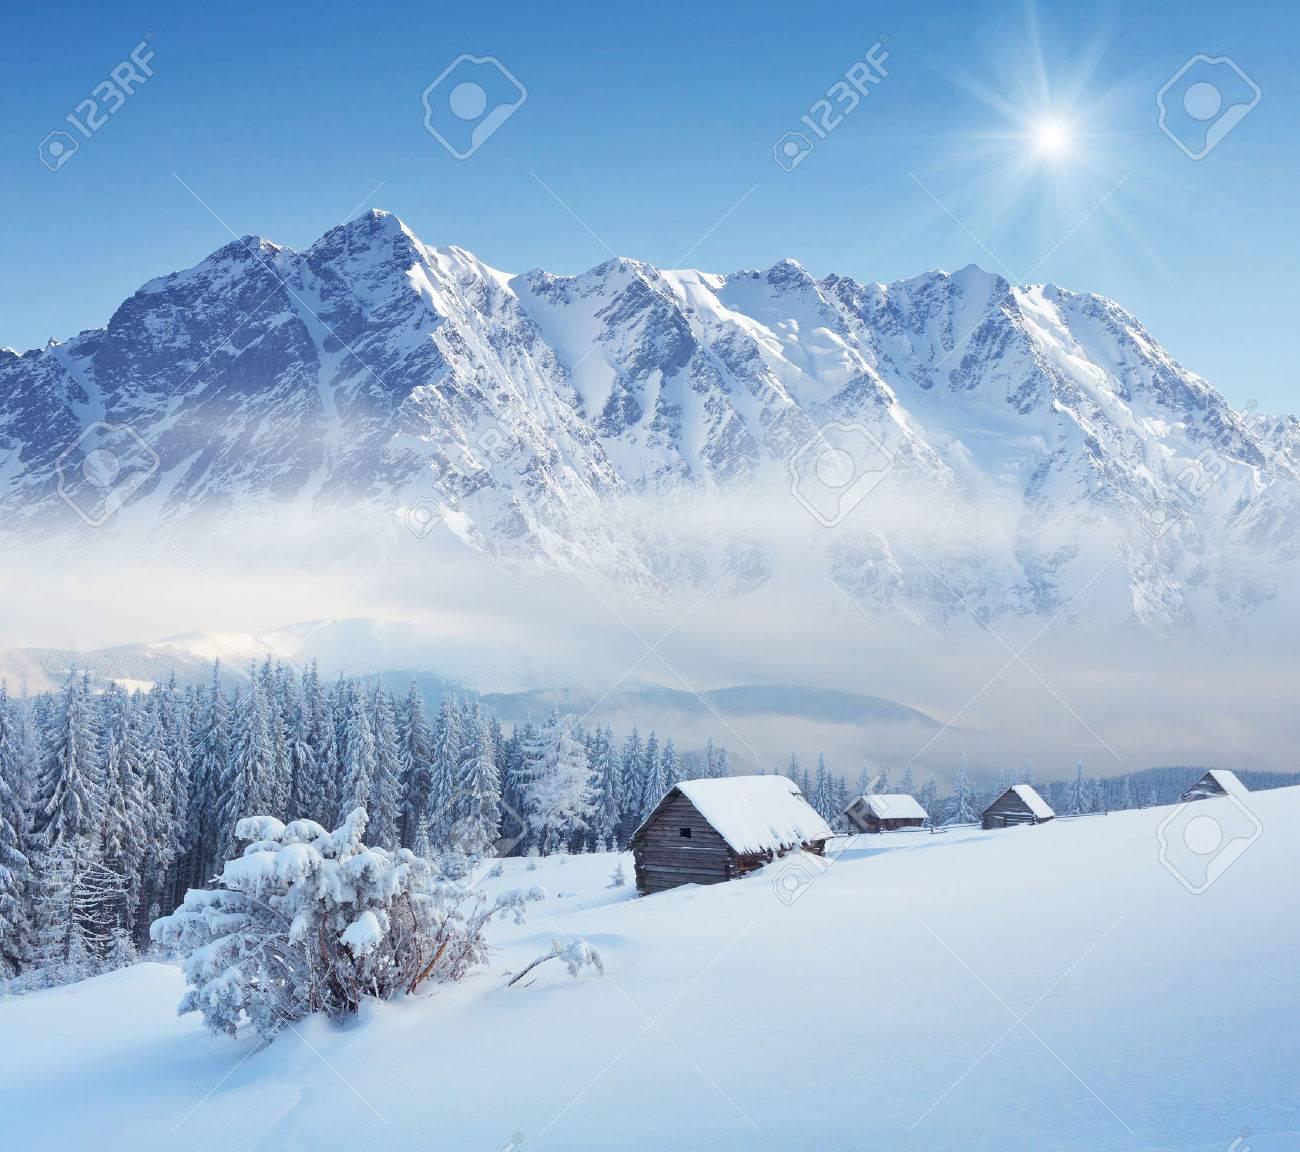 Paysage d'hiver dans une vallée de montagne avec des huttes Carpates, en Ukraine Banque d'images - 22620640